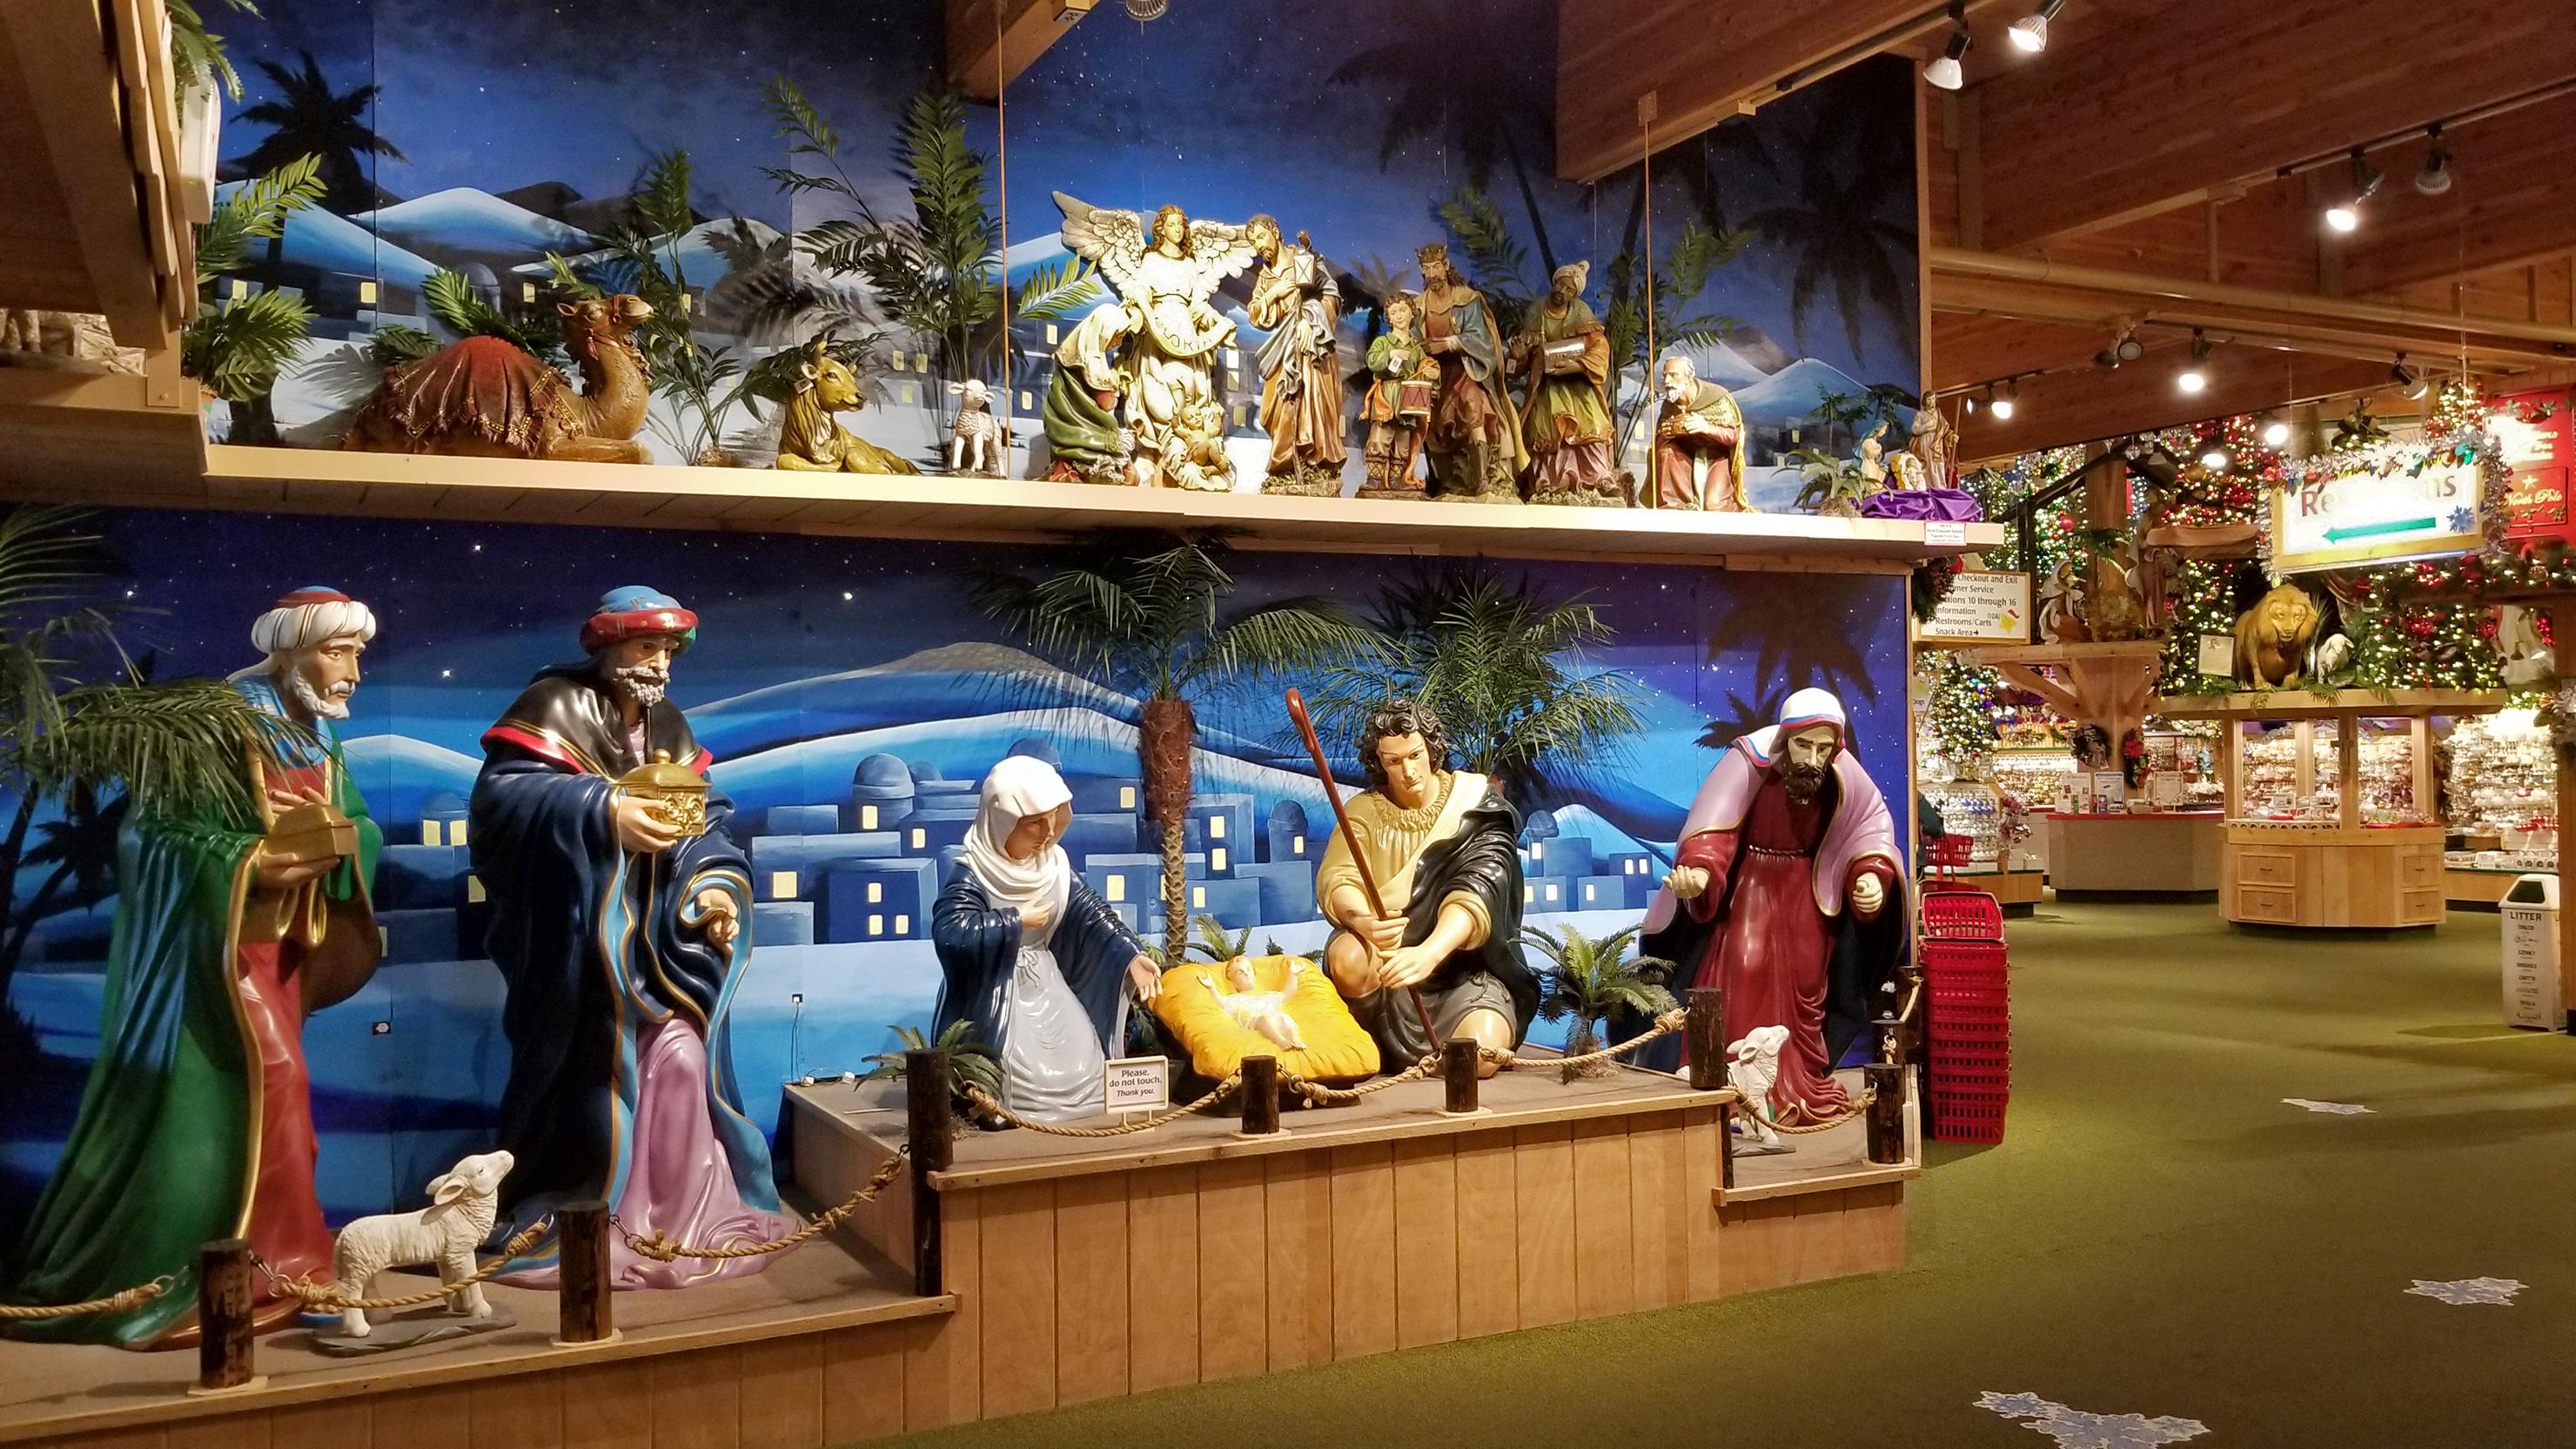 Bronners Christmas Wonderland.File Nativity Scene And Displays At Bronner S Christmas